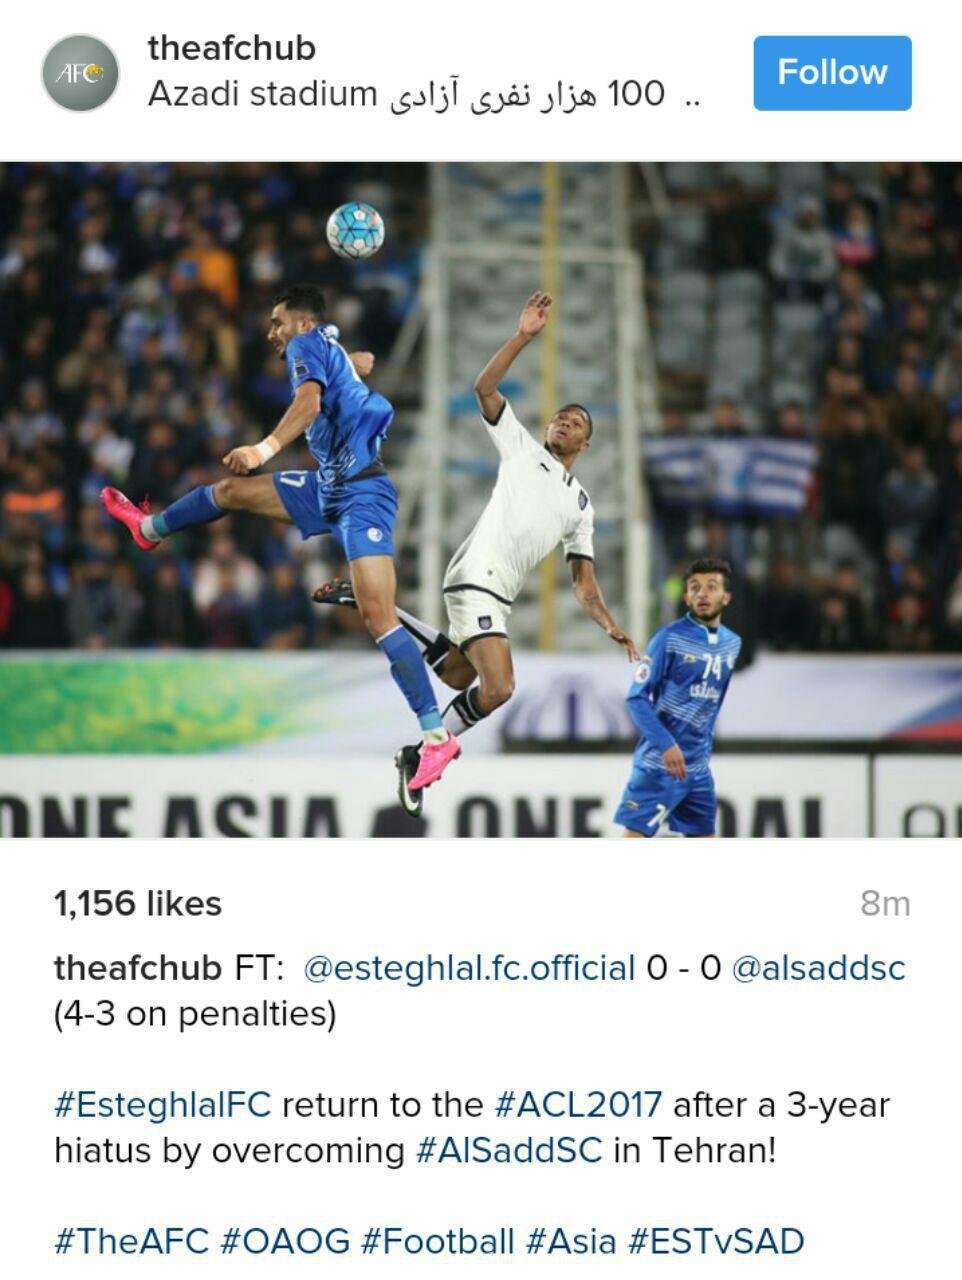 پست جدید صفحه رسمی AFC در اینستاگرام در مورد صعود استقلال